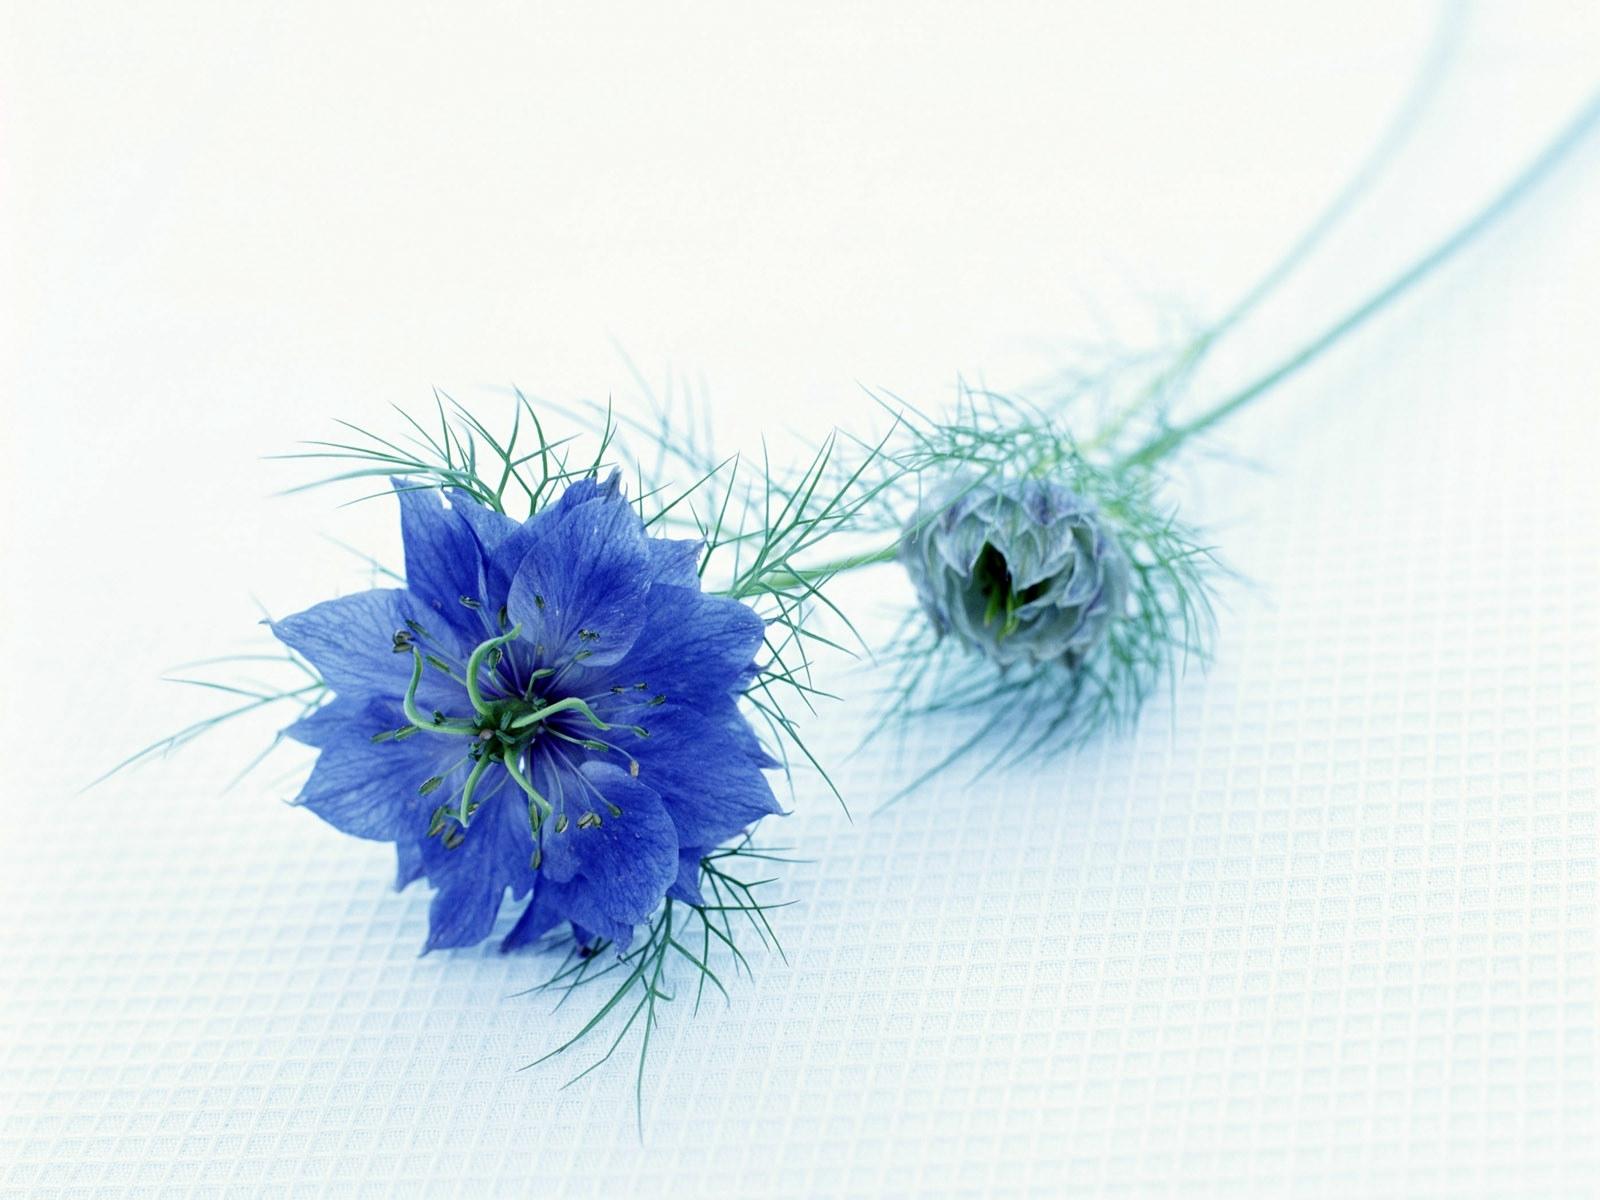 4794 скачать обои Растения, Цветы - заставки и картинки бесплатно